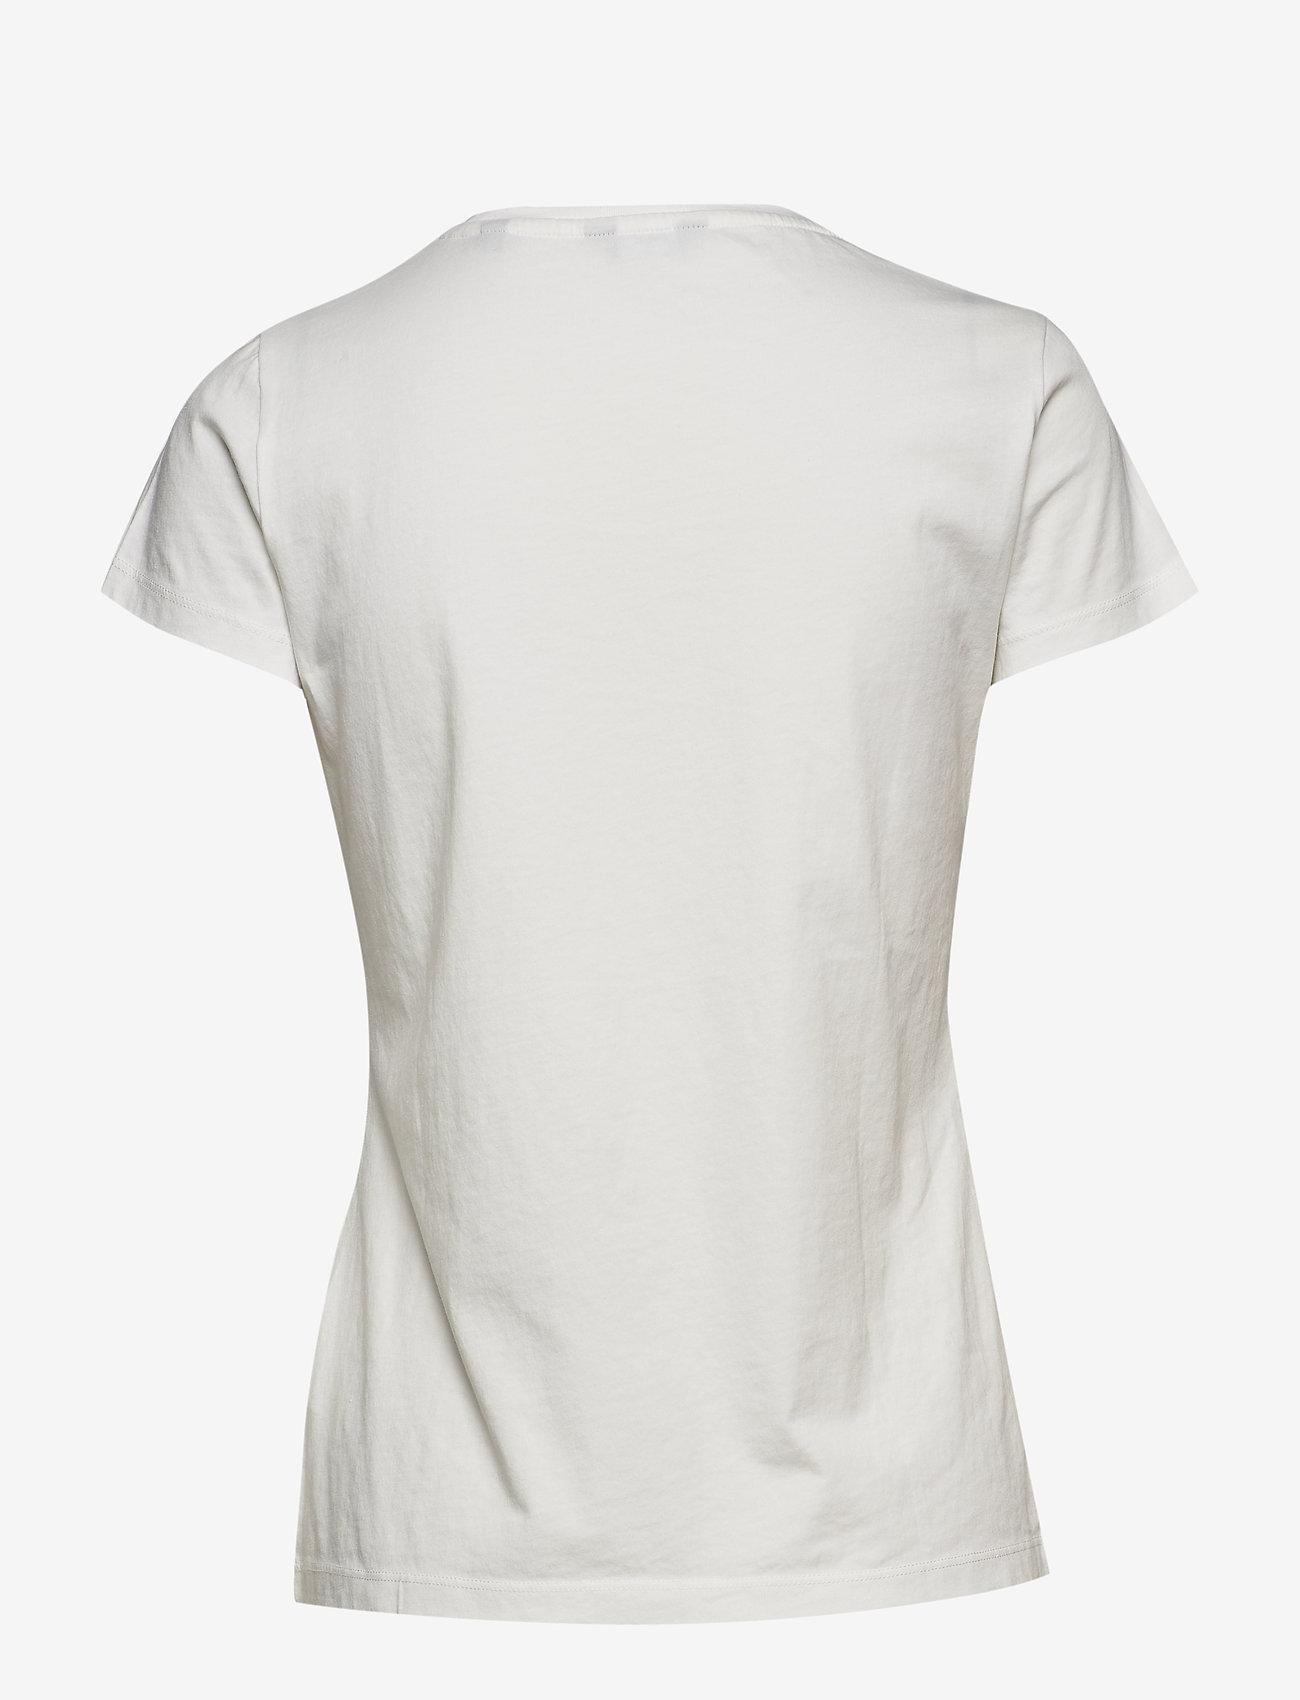 GANT - ARCH LOGO SS T-SHIRT - t-shirts - eggshell - 1